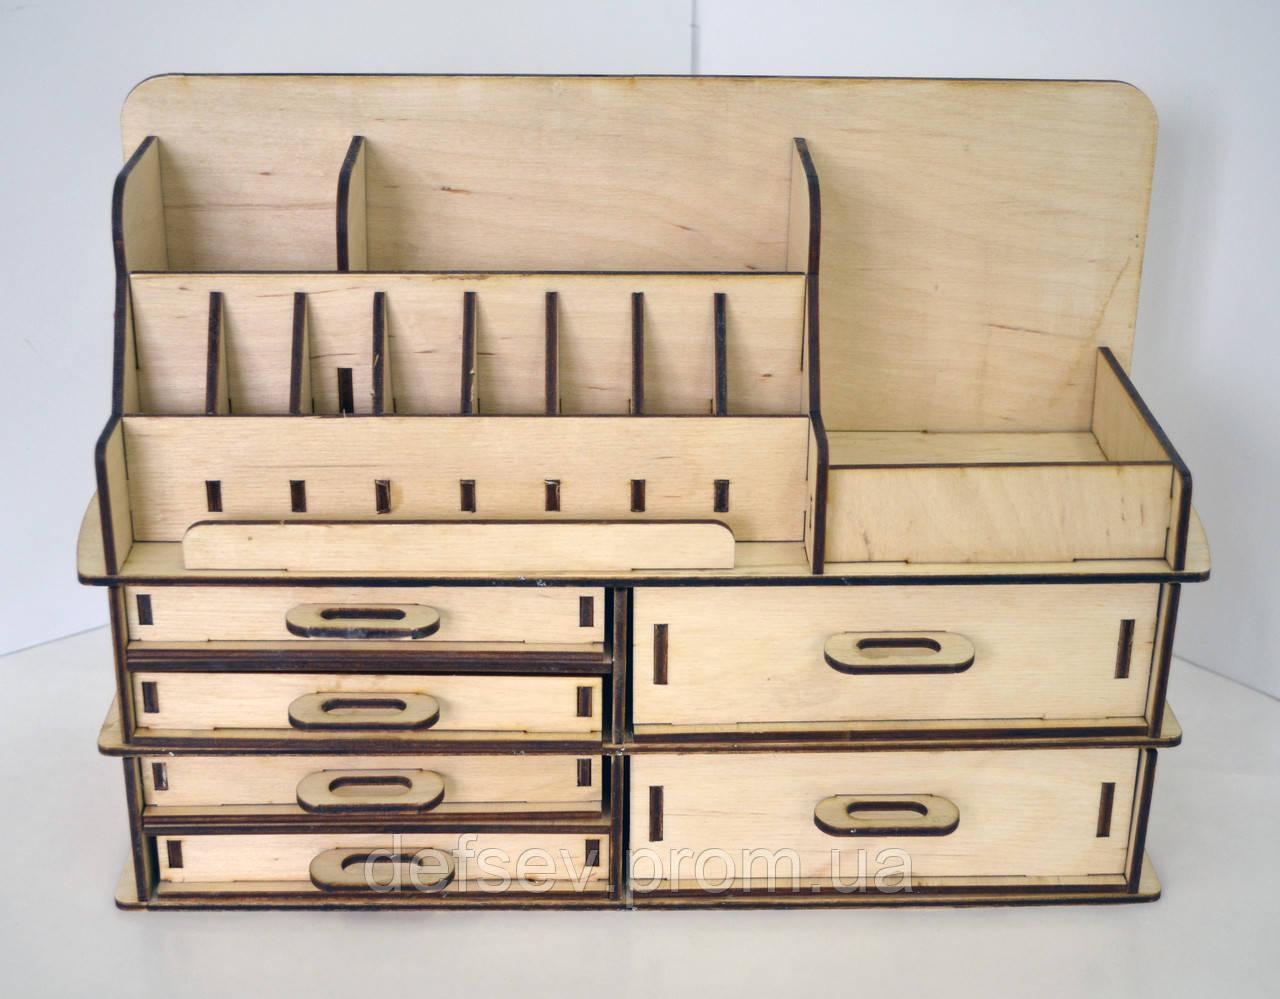 Деревянный органайзер для косметики купить в спб невская косметика купить киев